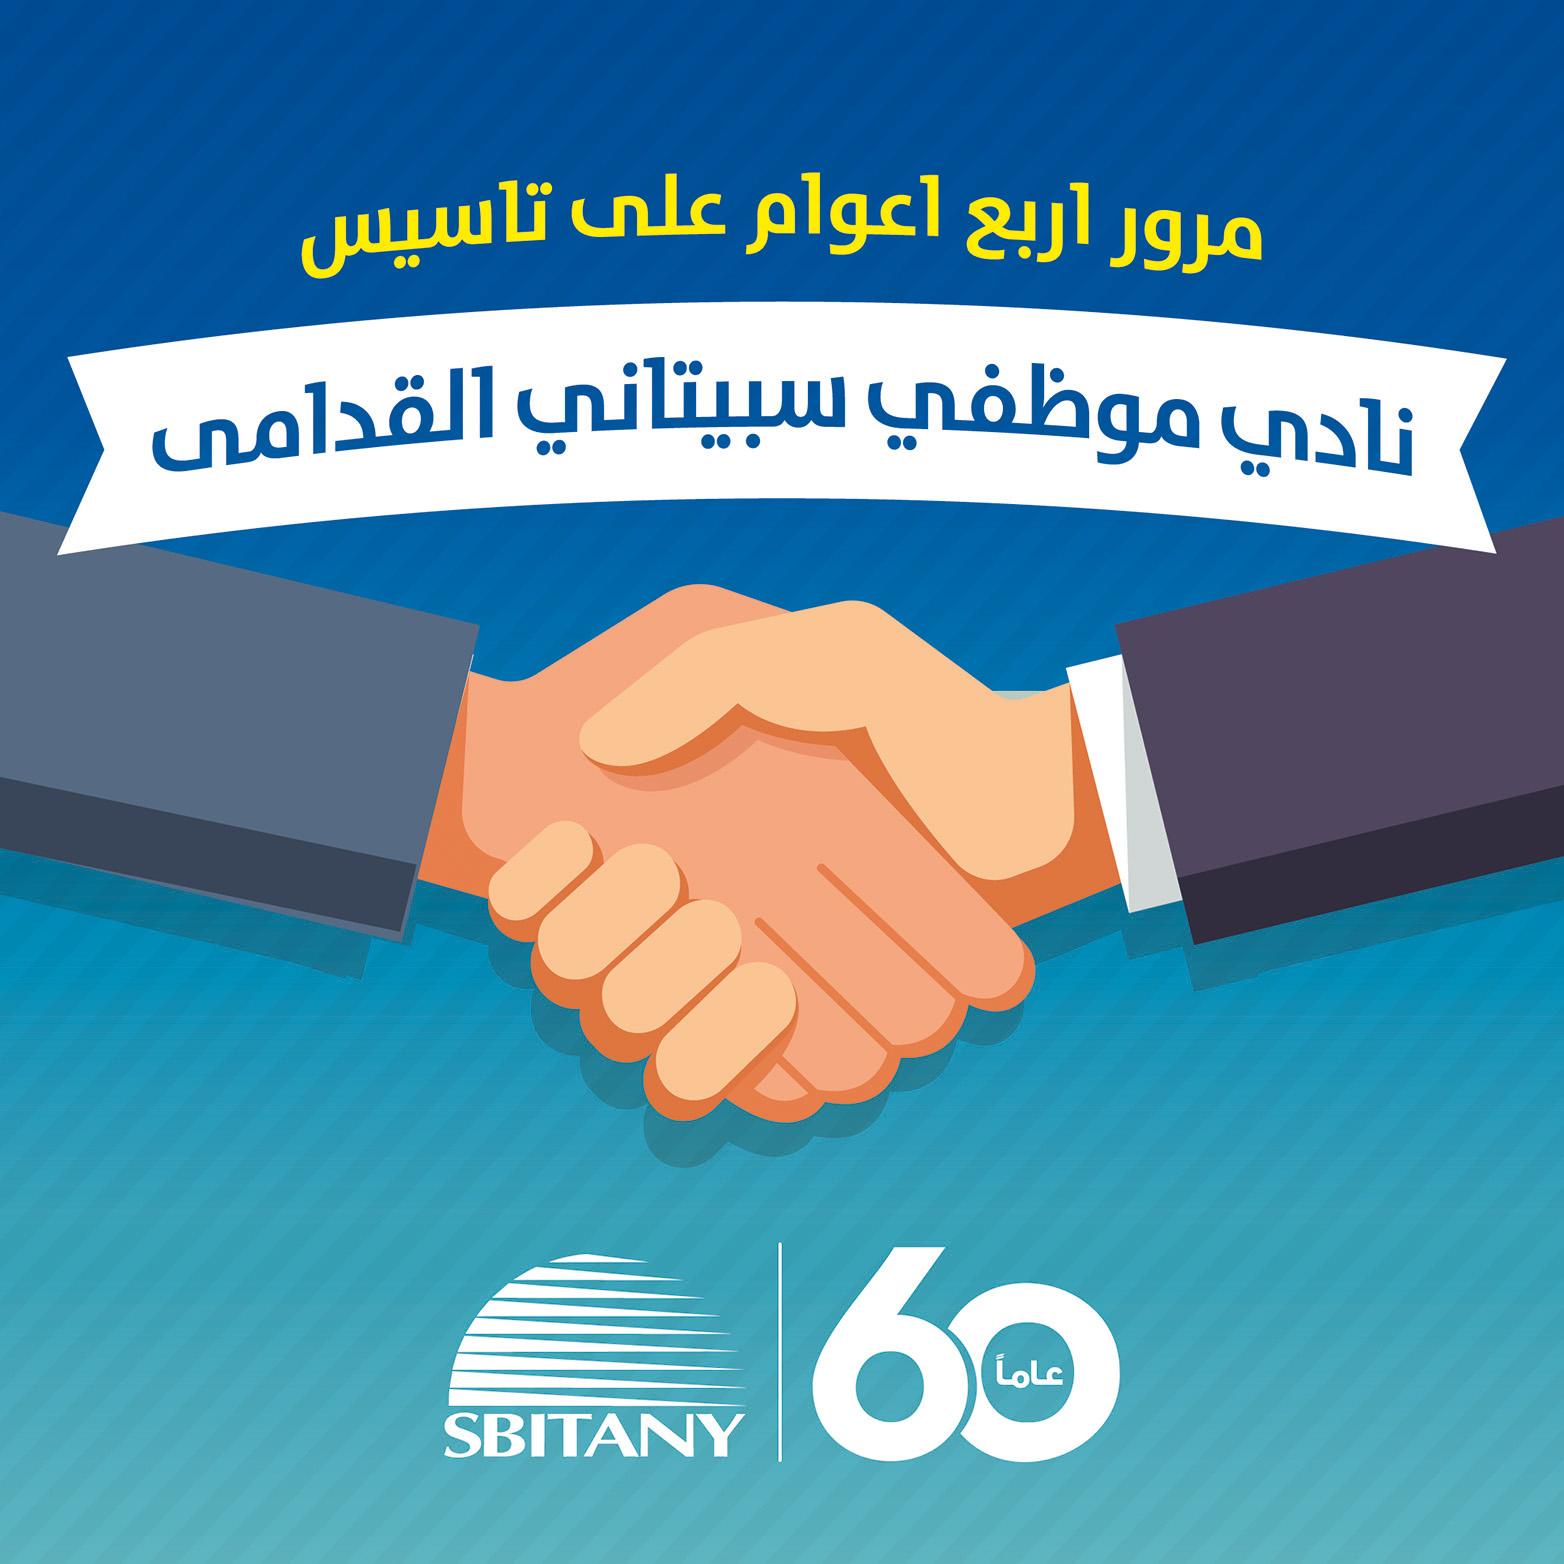 سبيتاني تحتفل بمرور أربع سنوات على تأسيس  نادي موظفي سبيتاني القدامى